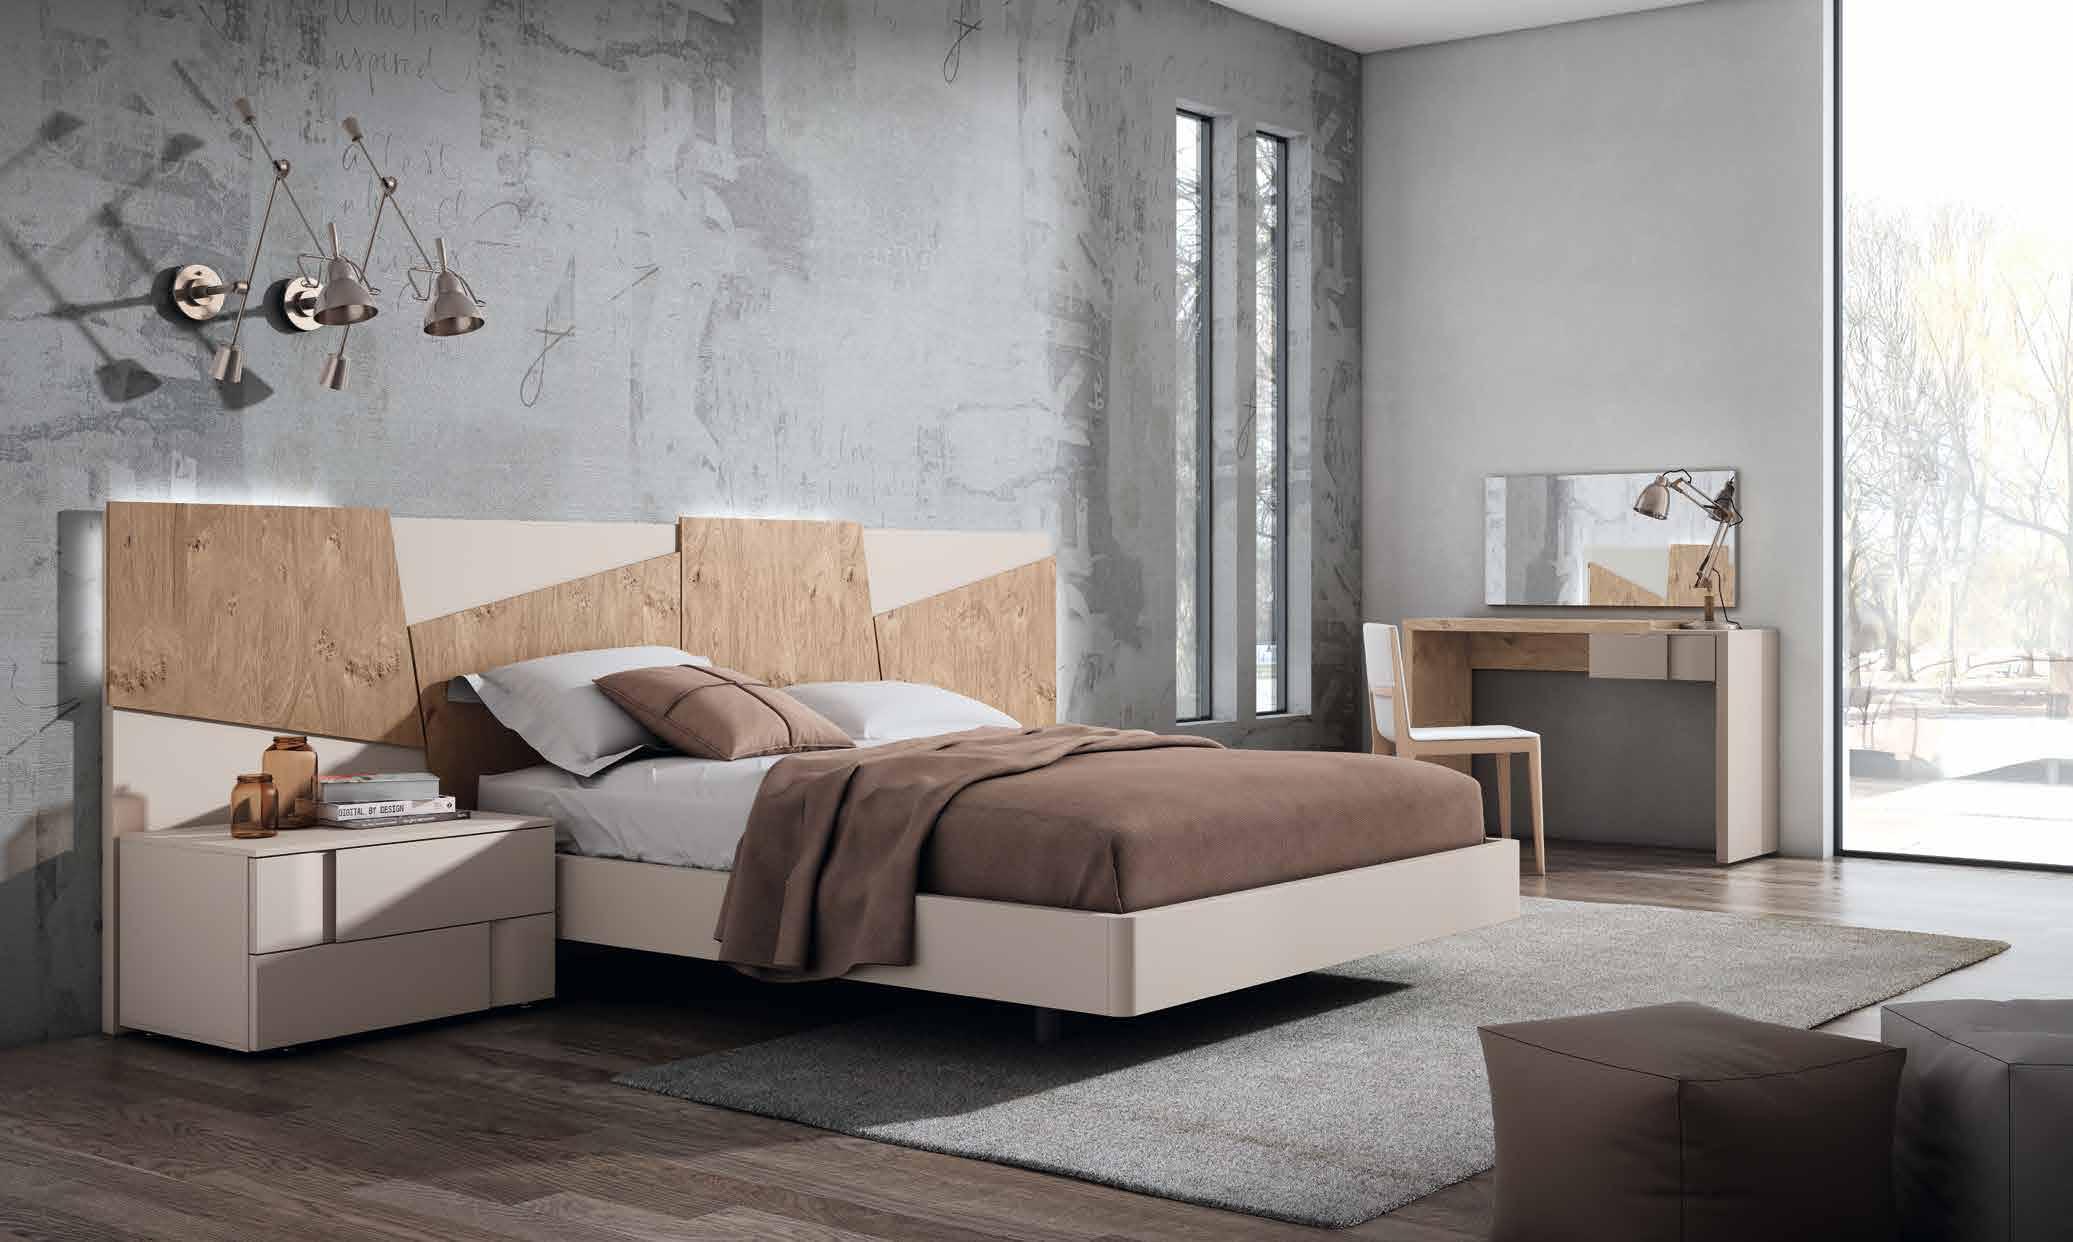 moderno-1-Grafica-muebles-paco-caballero-720-5c93e03e5adbe